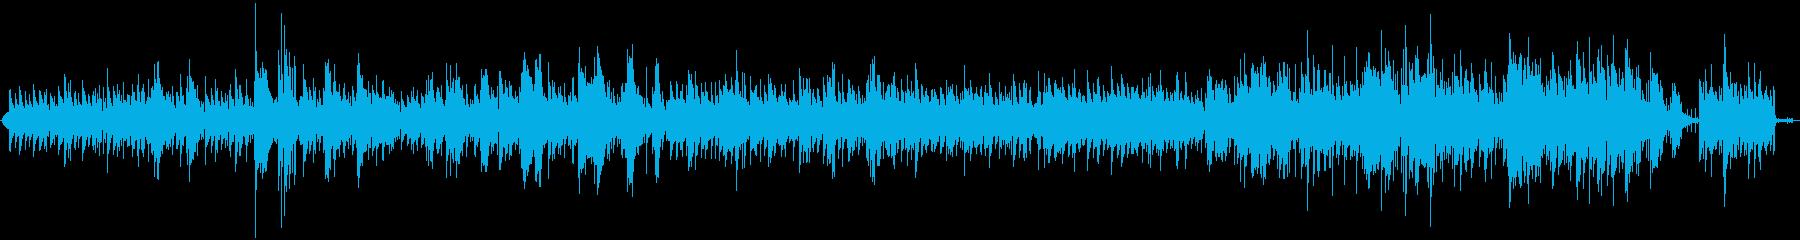 エスニック。フォーク。 Biagi...の再生済みの波形